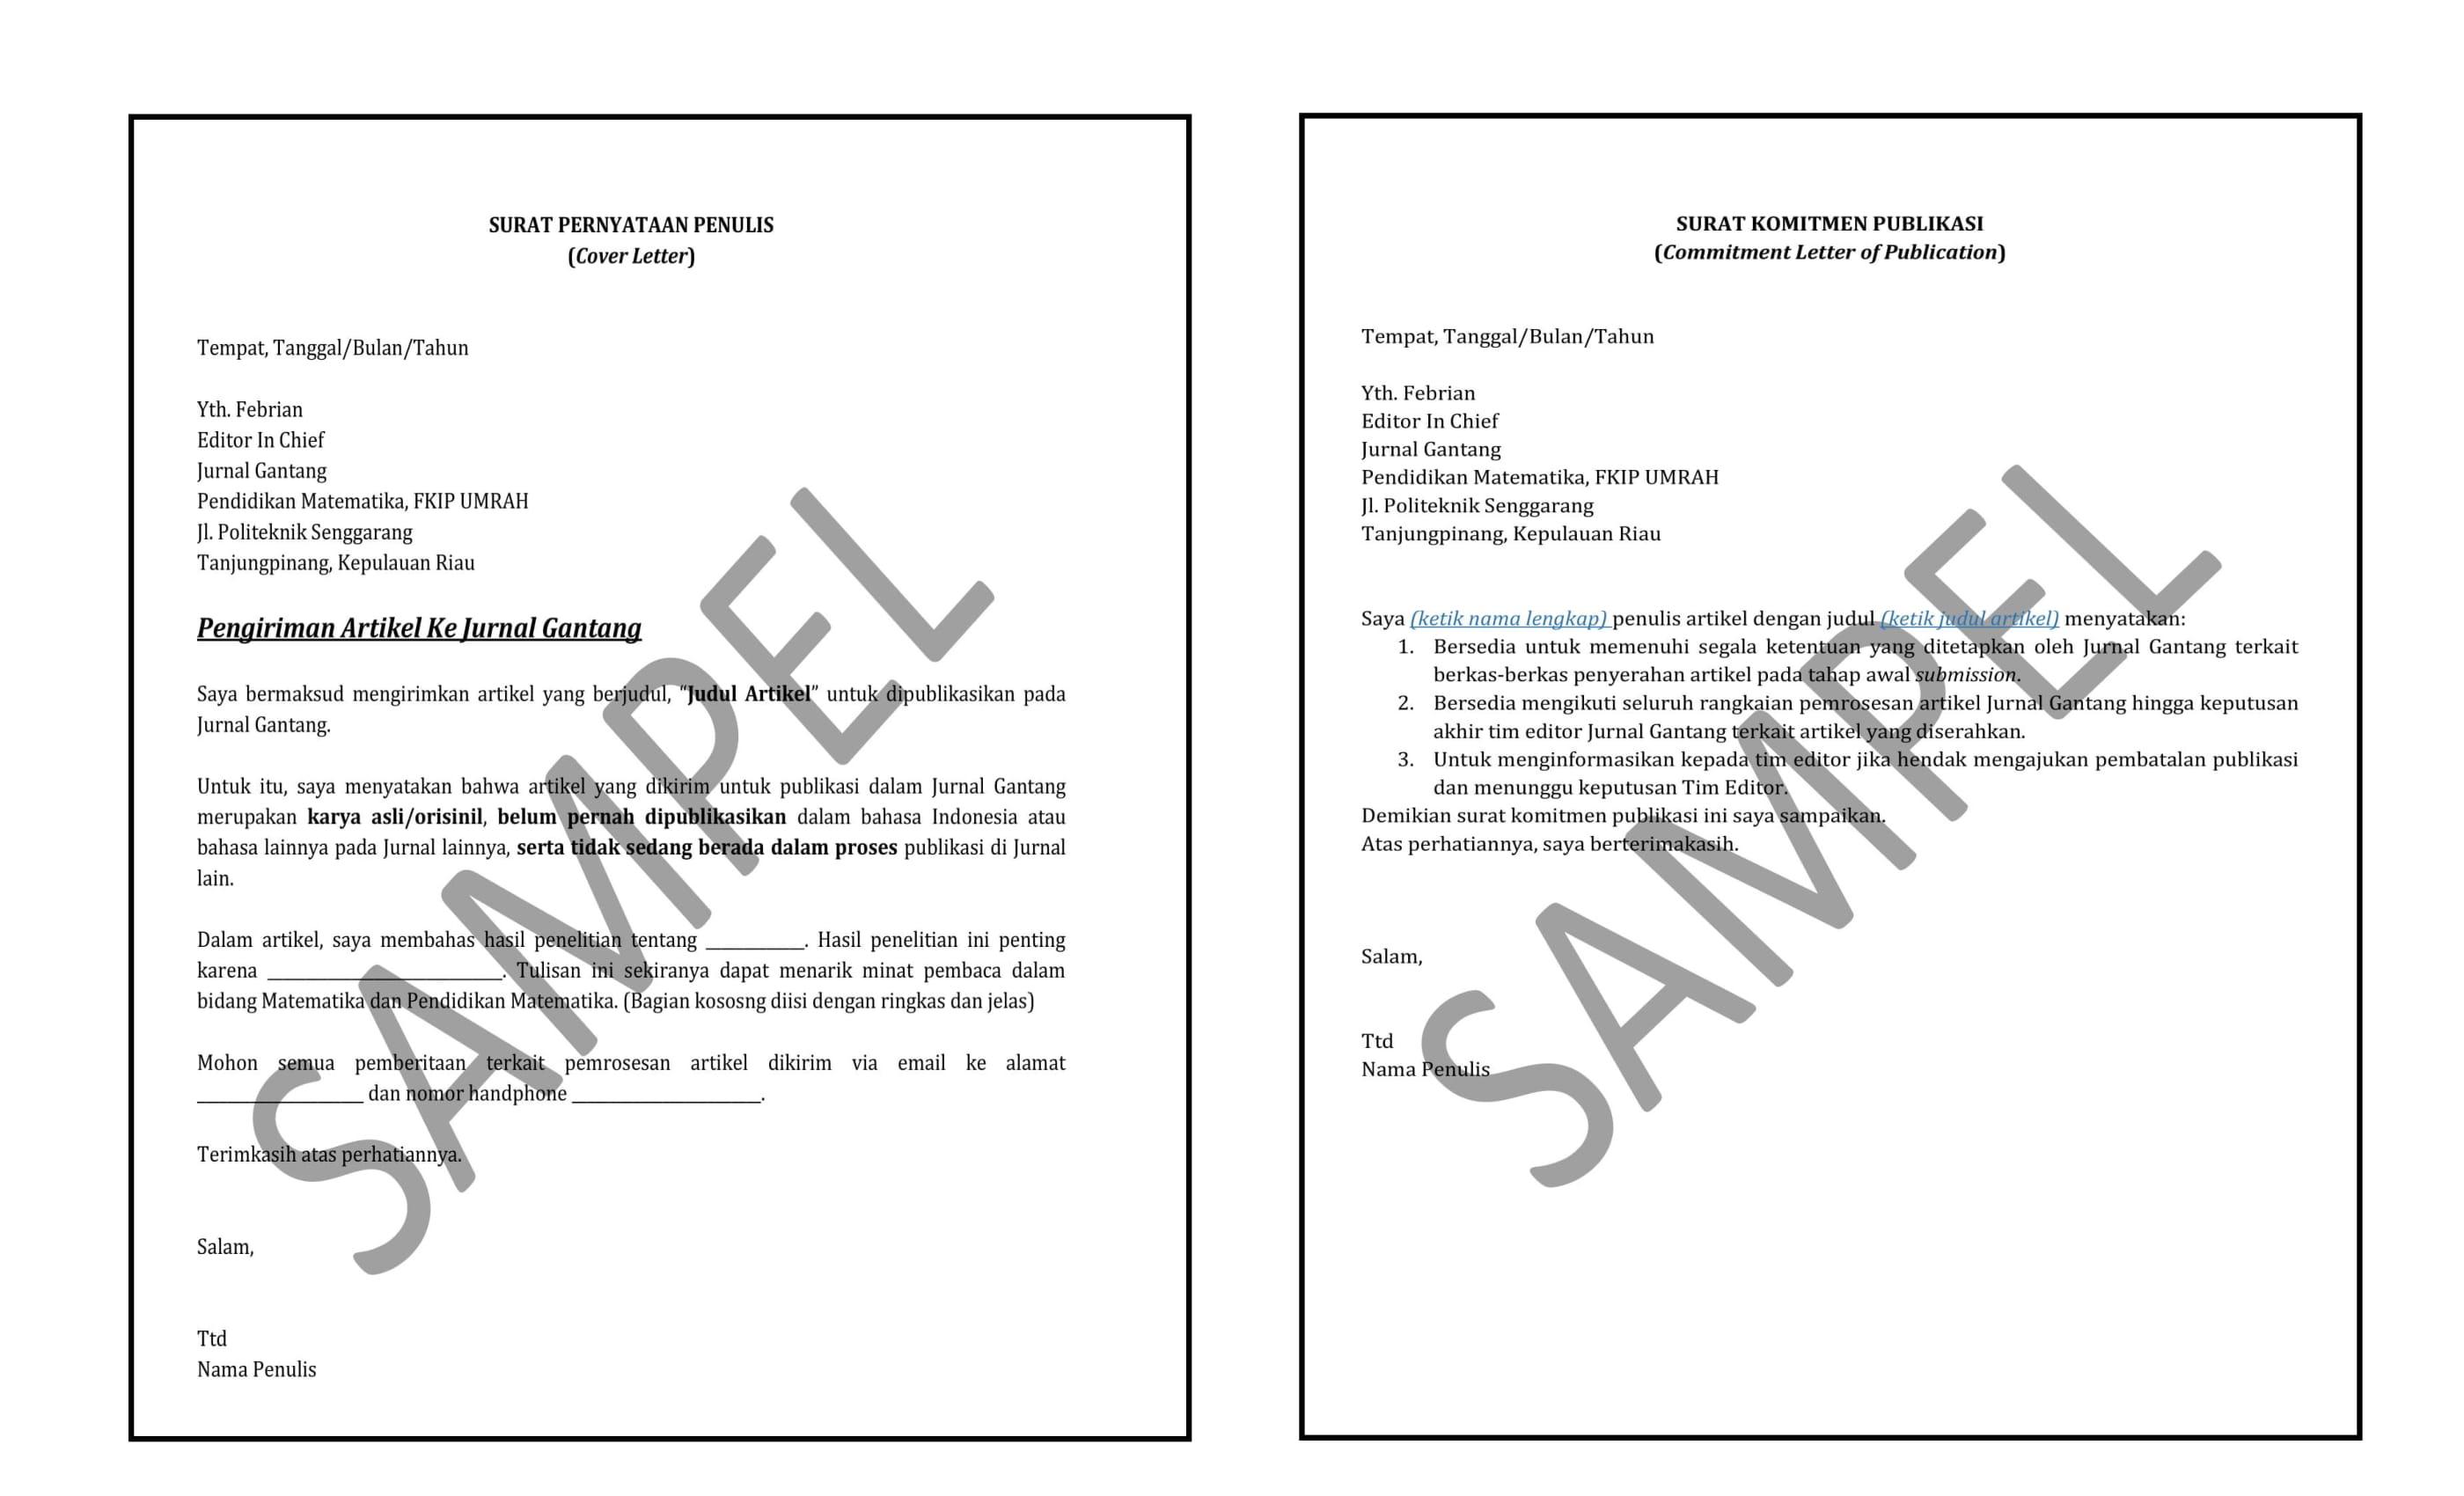 Surat Pernyataan Dan Komitmen Publikasi Penulis Jurnal Gantang